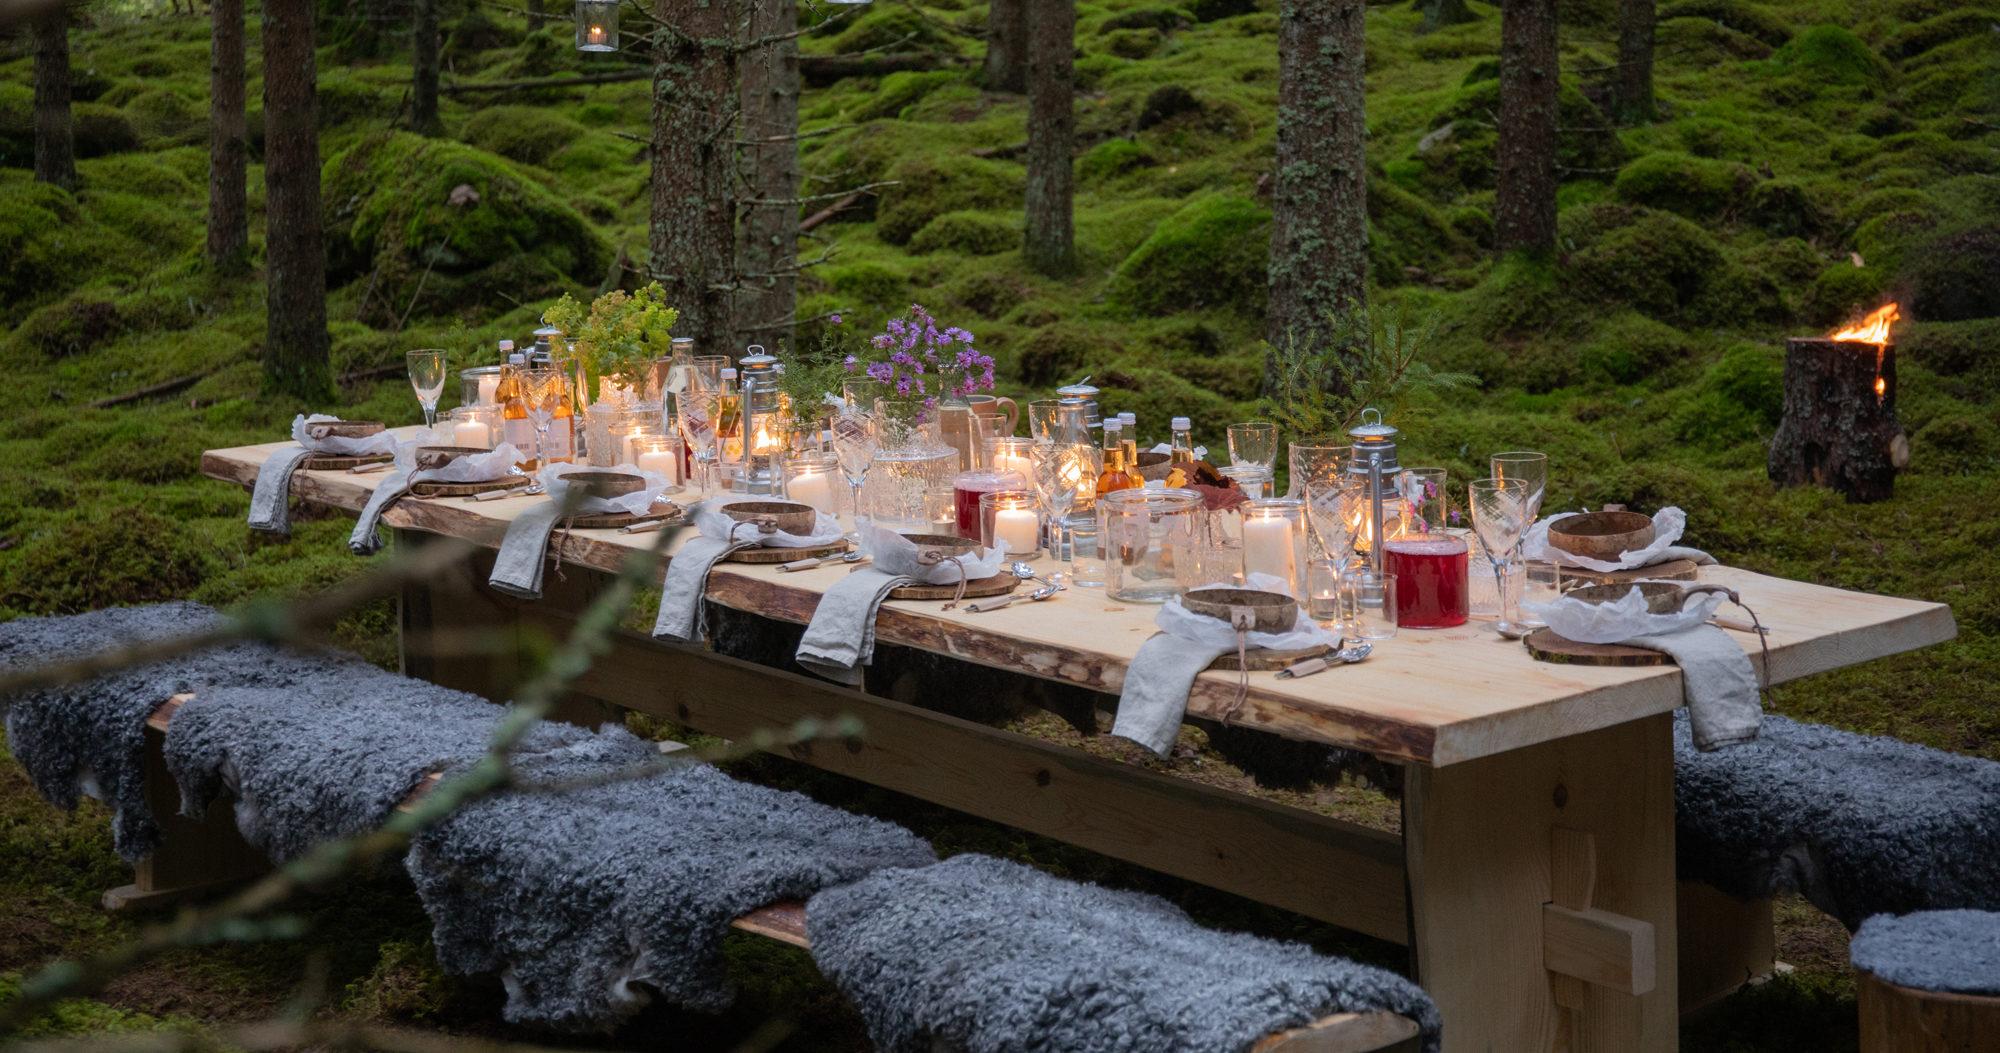 Den småländska maten har format svenska matvanor, från lingonsylt till husmanskost, här syns bord vid Asa Herrgård i The Edible Country, foto av August Dellert